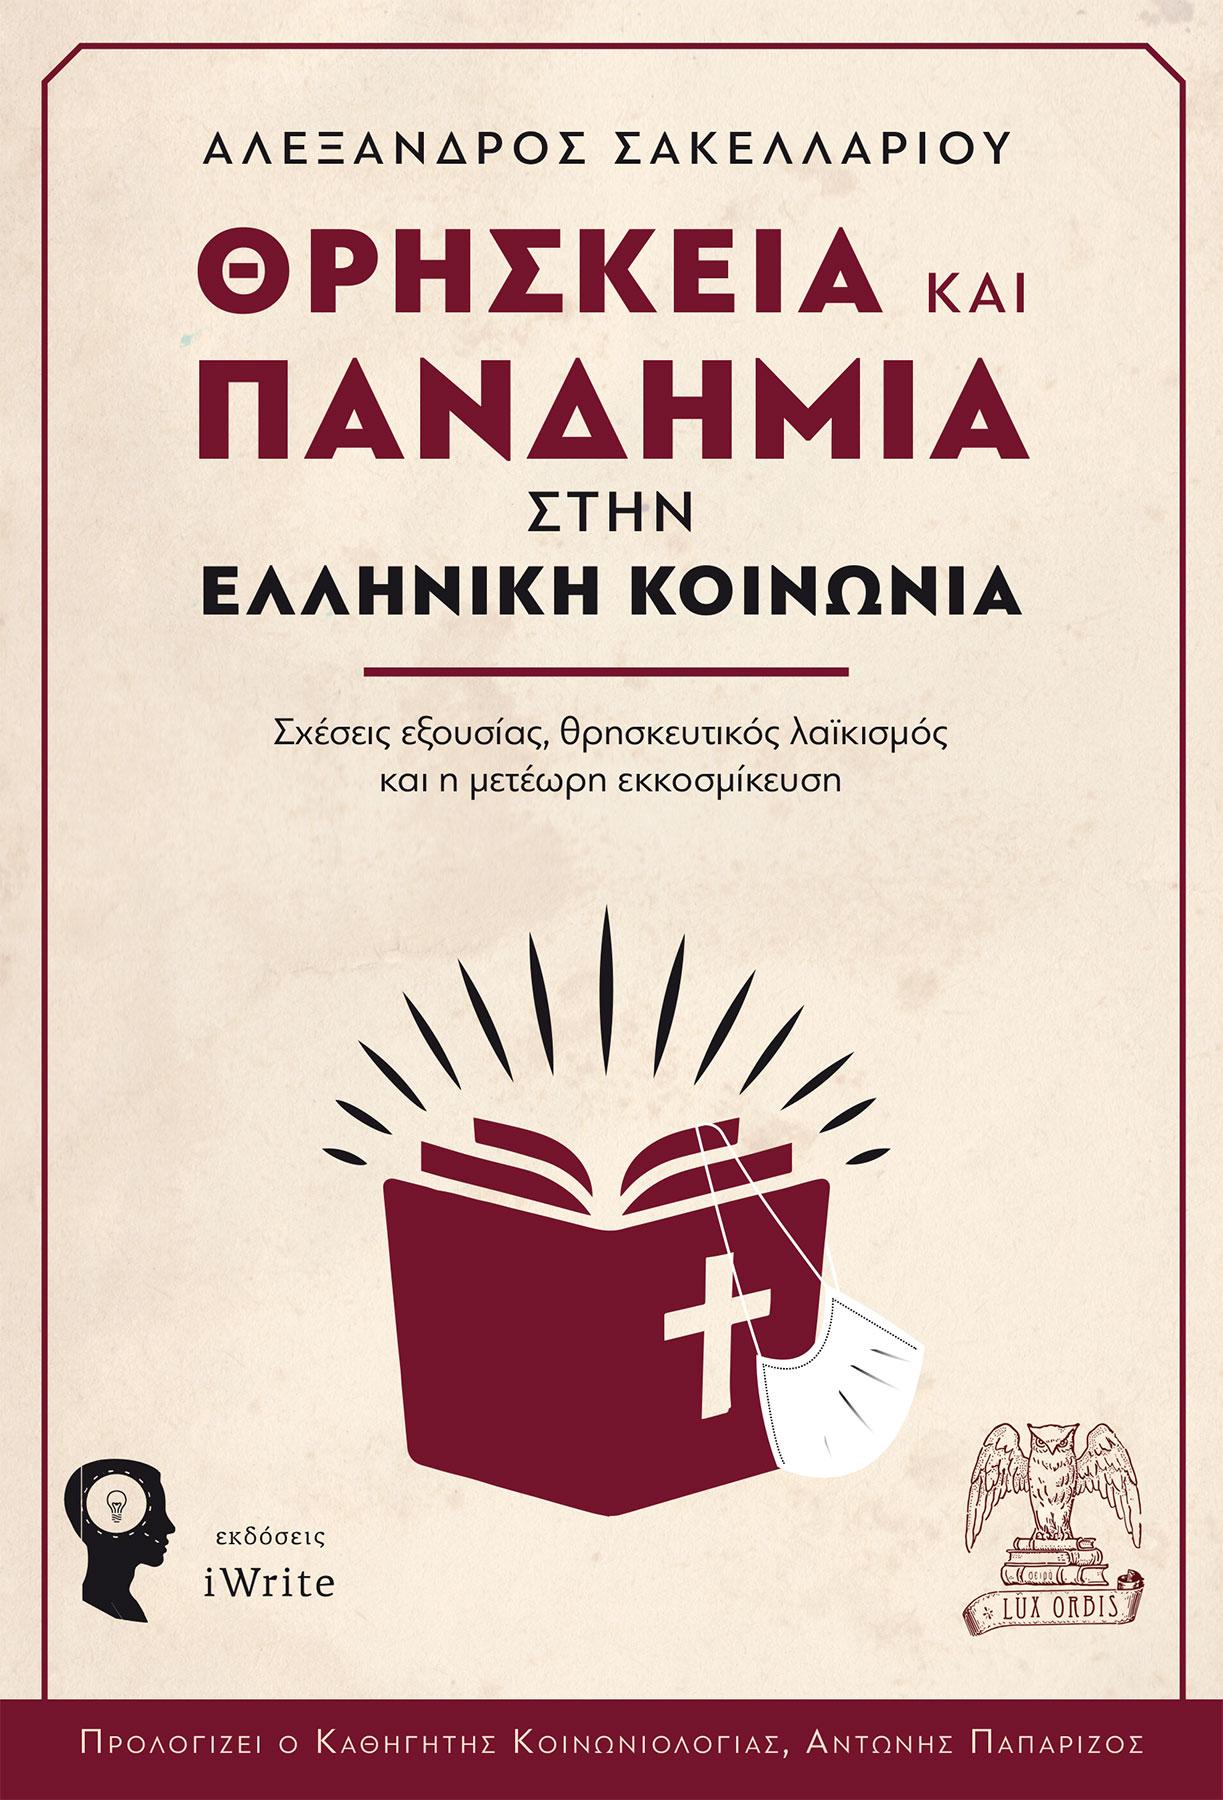 Θρησκεία και πανδημία στην ελληνική κοινωνία, , Σακελλαρίου, Αλέξανδρος, Εκδόσεις iWrite, 2020